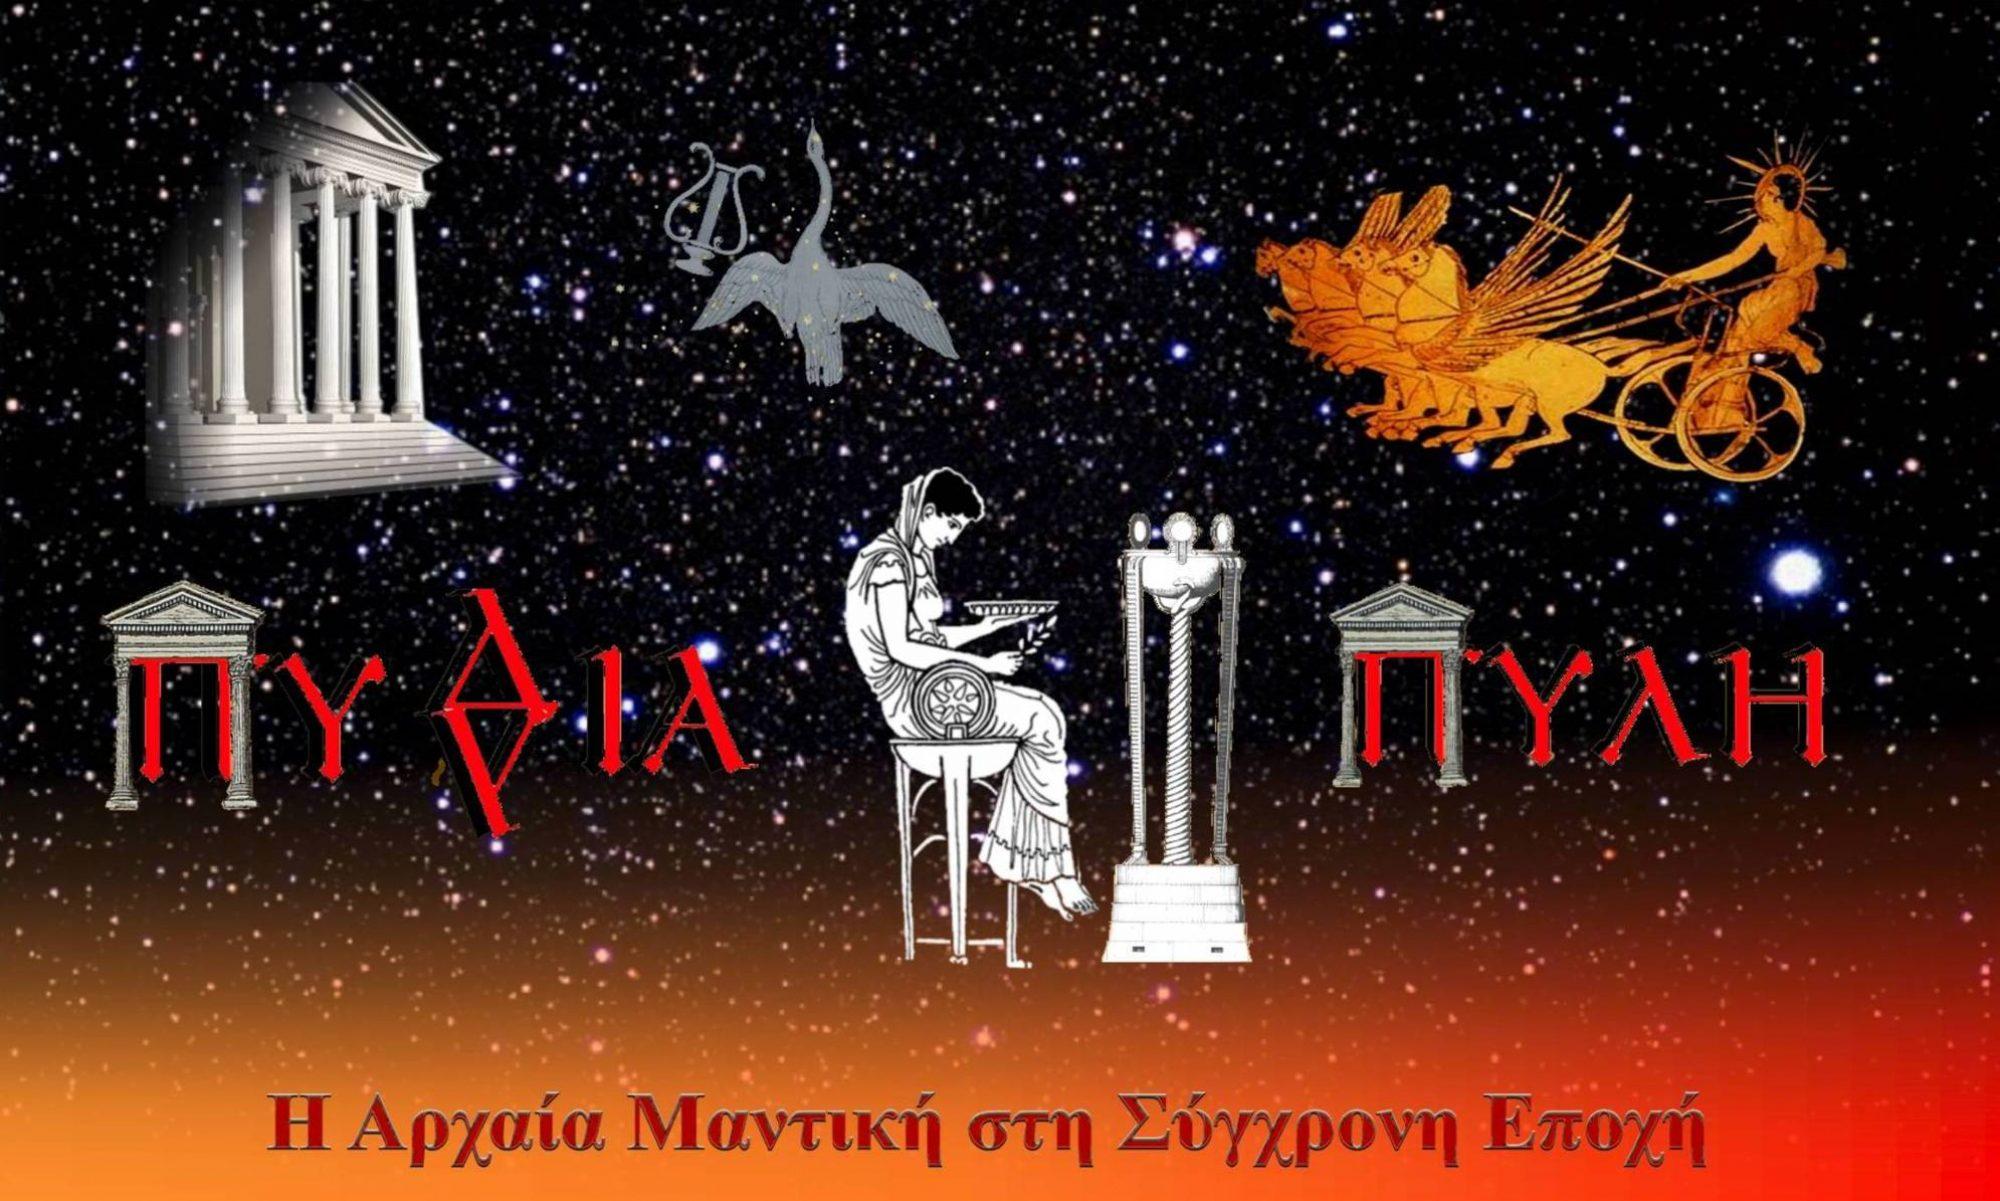 Pythia pili